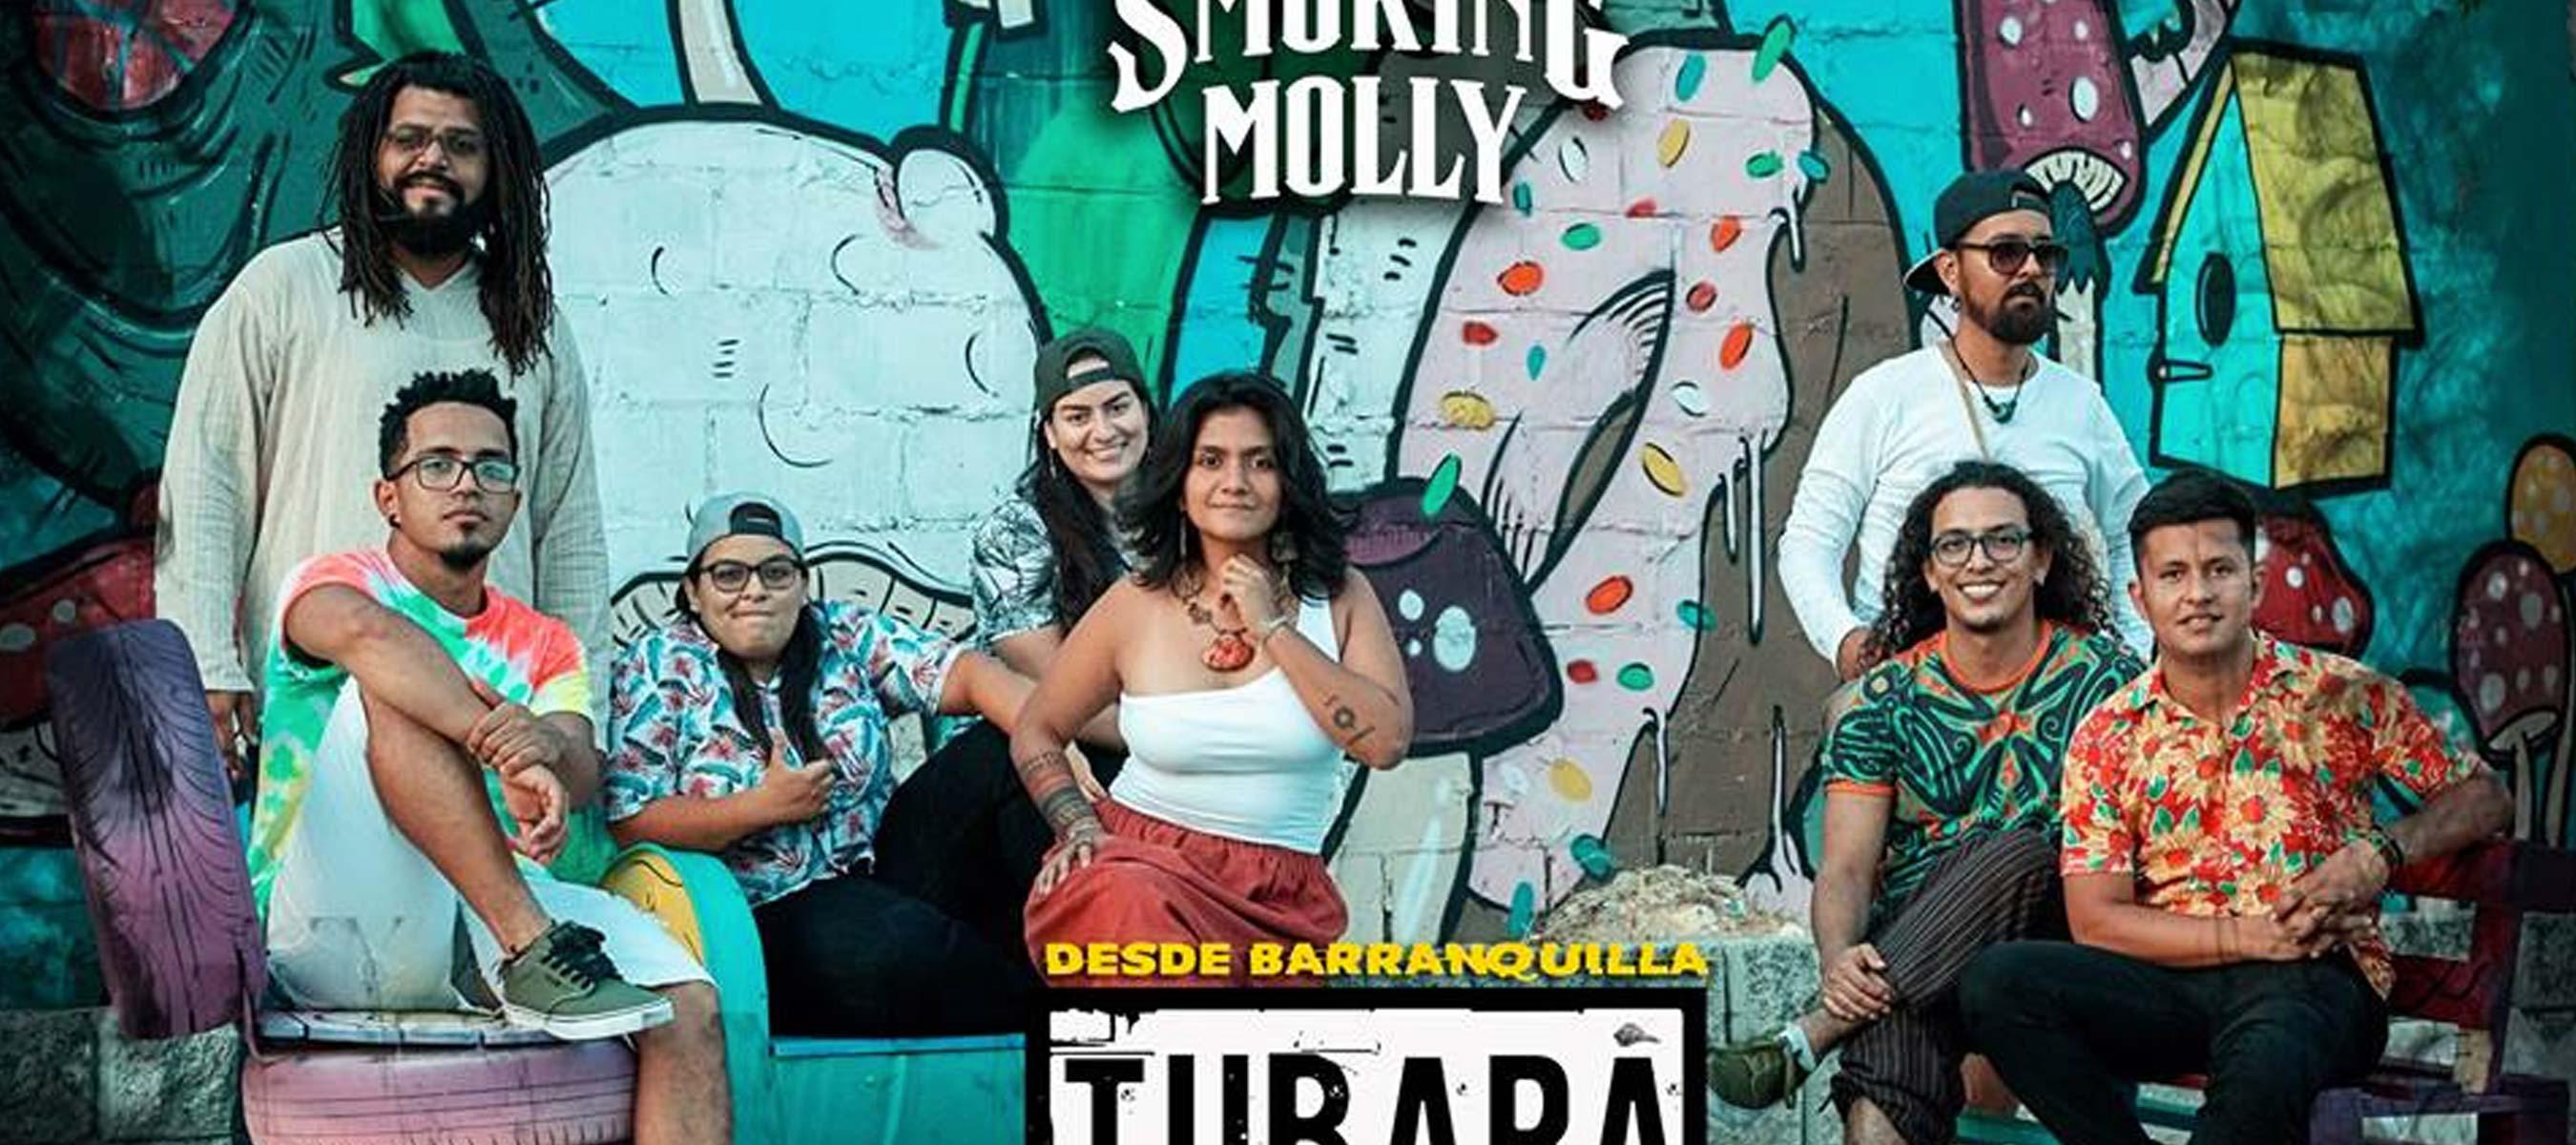 Turbará Reggae Barranquilla - Smoking Molly